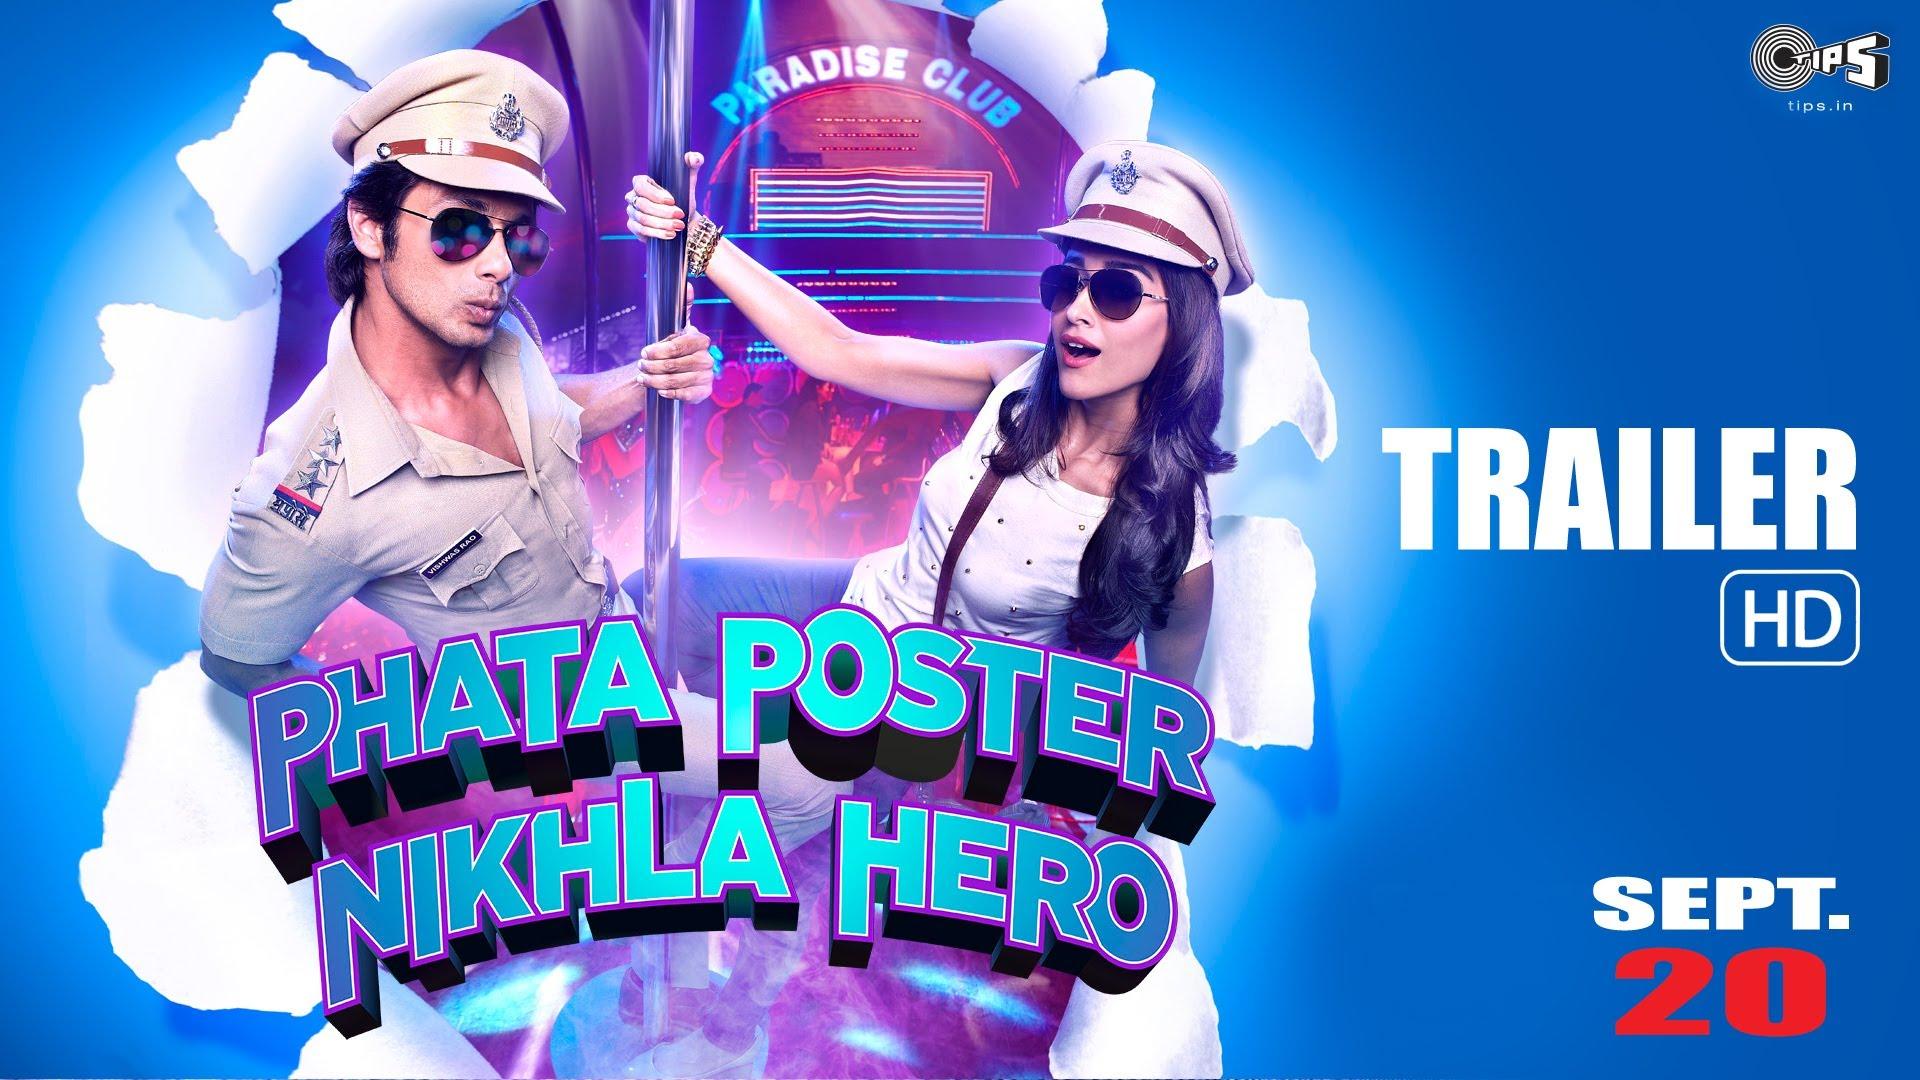 موزیک ویدیو های فیلم Phata Poster Nikhla Hero 2013